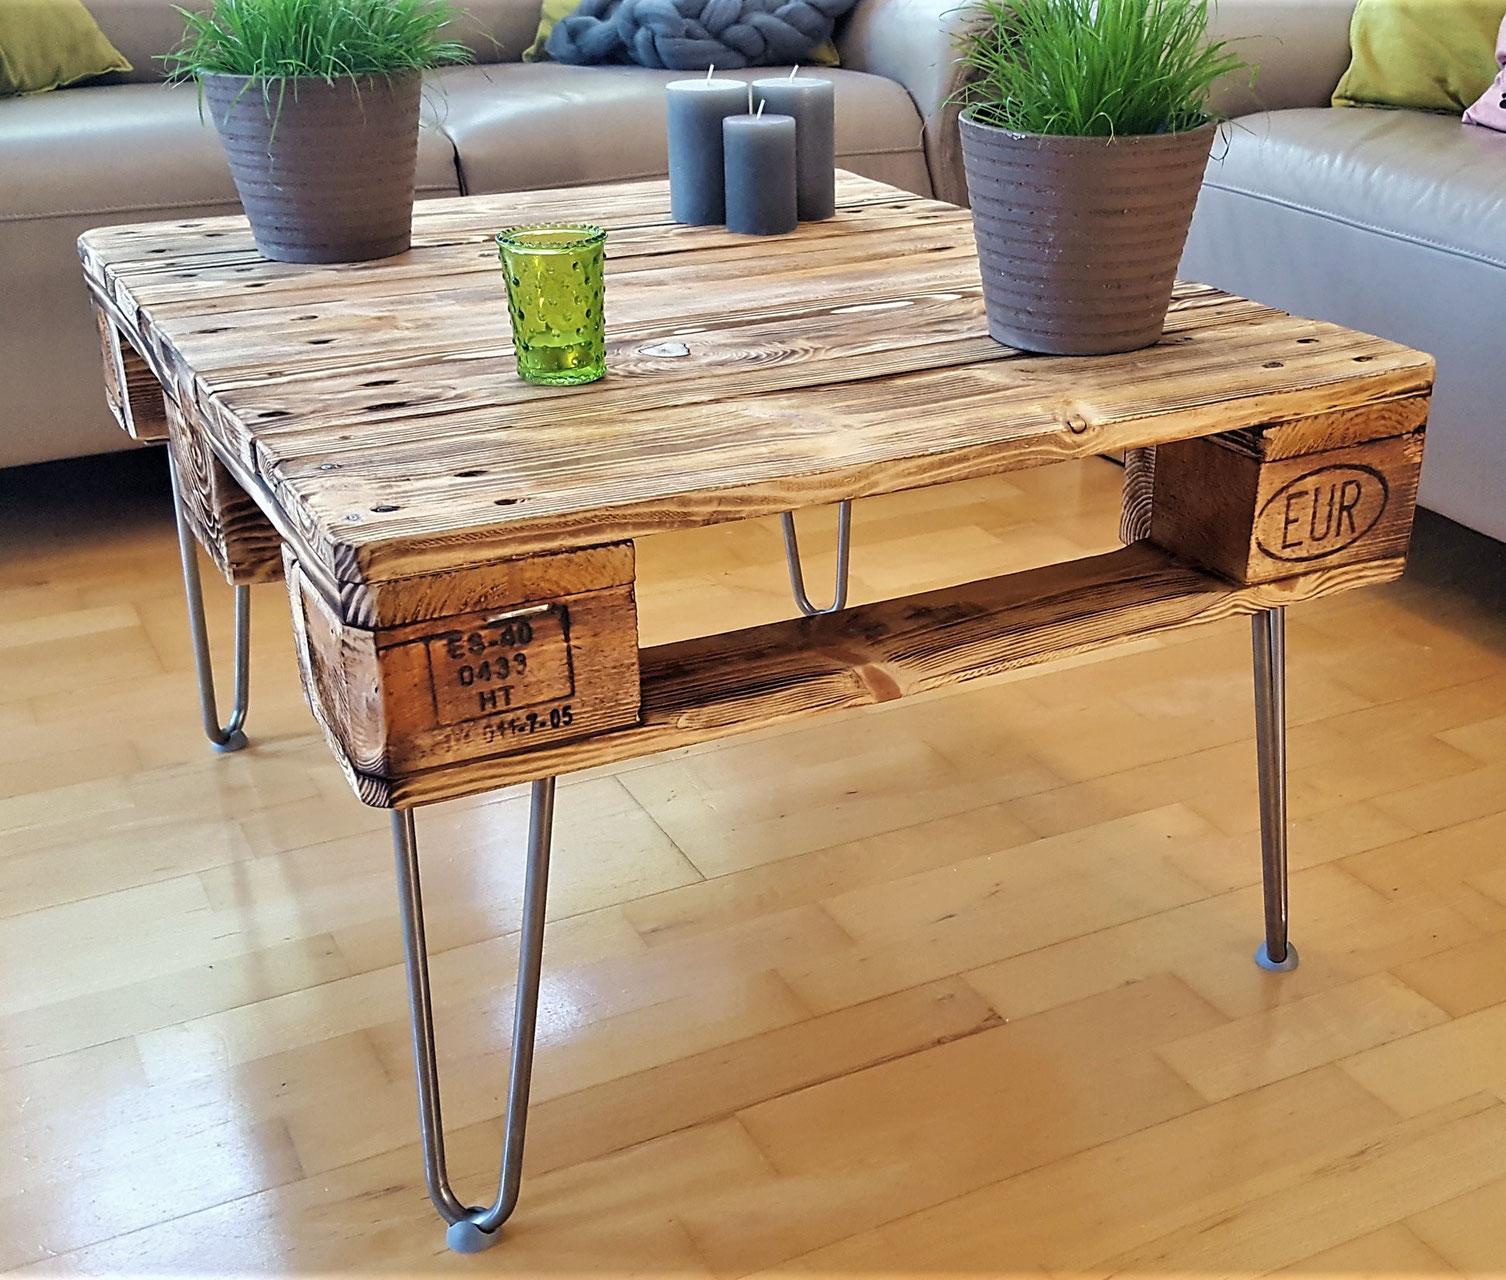 Möbel Europaletten | Palettenmöbel kaufen | Möbel aus Europaletten | Tisch  aus Paletten